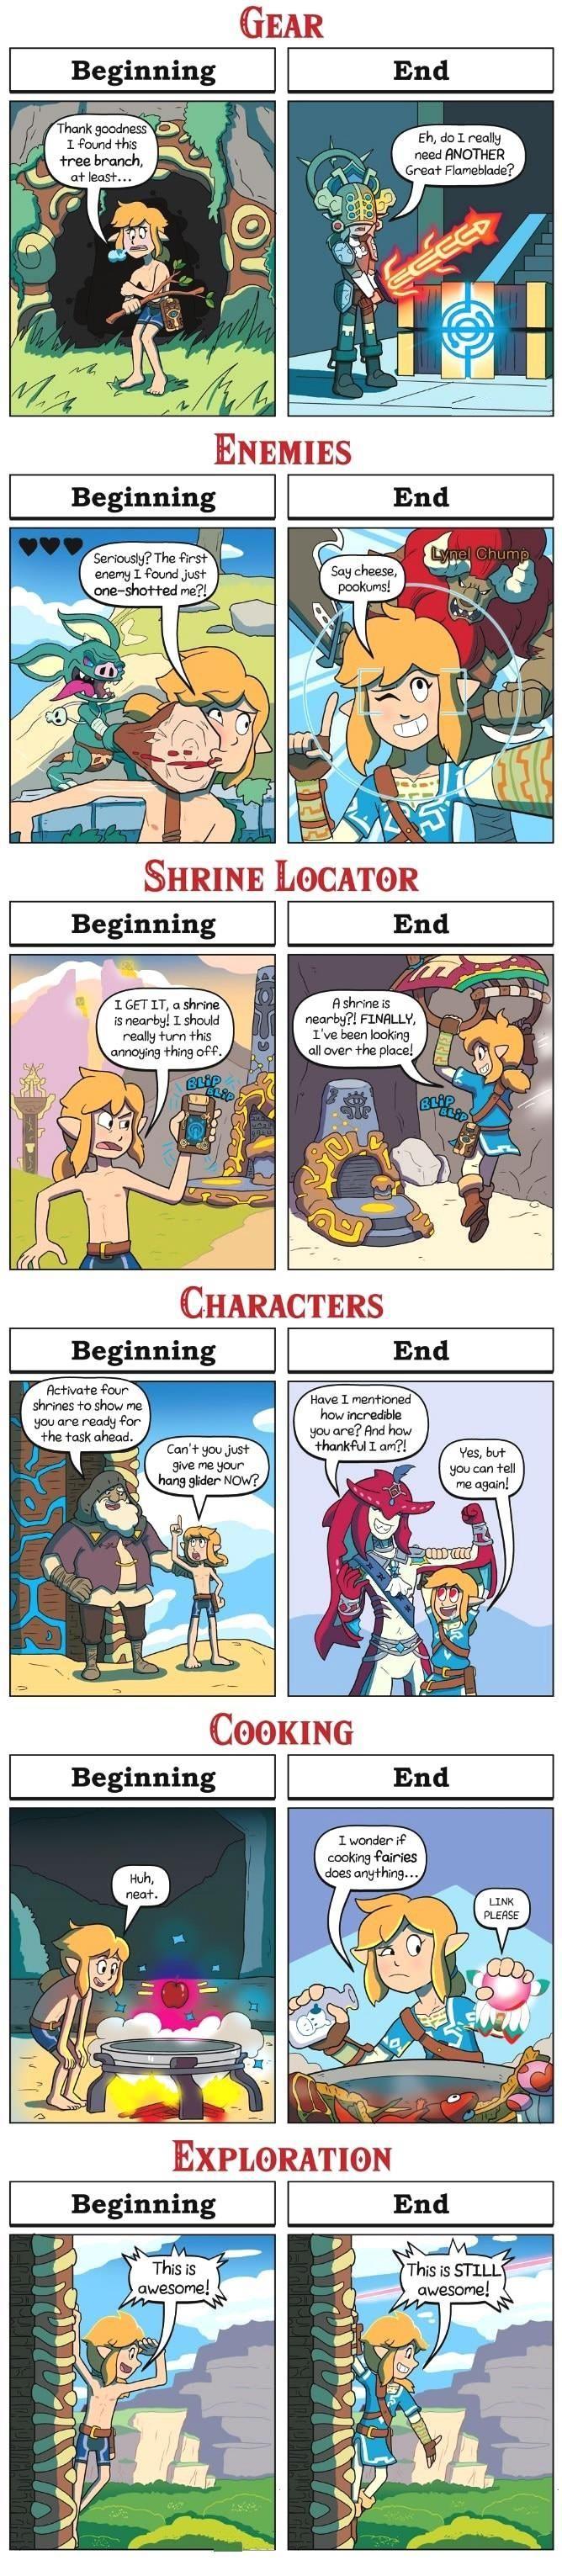 Zelda: Breath of the Wild - Beginning VS. End